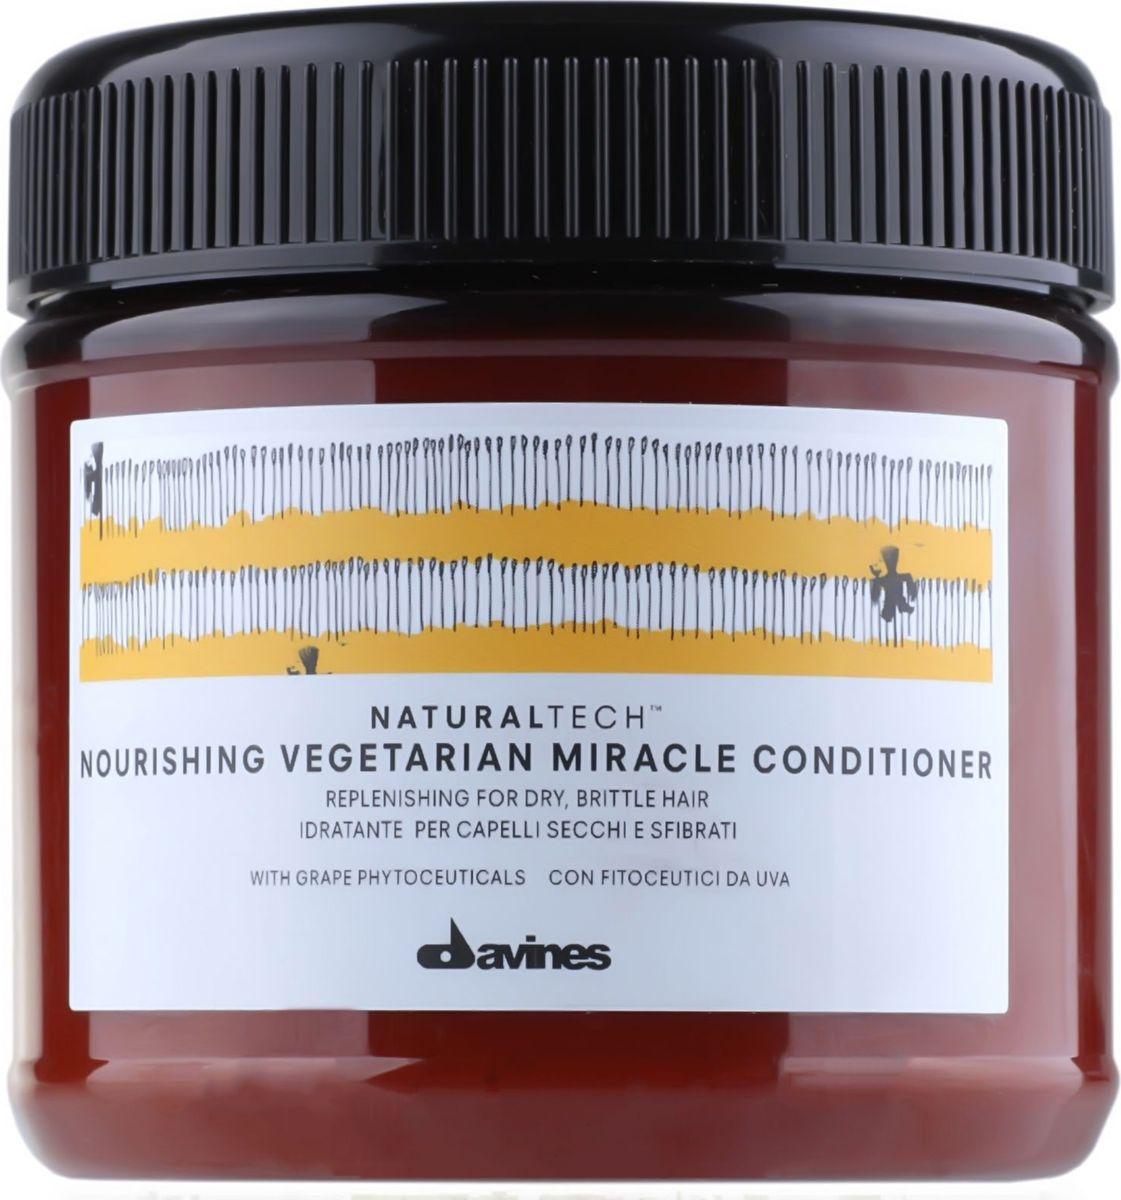 Davines Питательный кондиционер Вегетарианское чудо New Natural Tech Nourishing Vegetarian Miracle Conditioner, 250 млMP59.4DПитательный кондиционер Вегетарианское чудо эффективно увлажняет ломкие и сухие волосы. В нем содержится фитоактив винограда, который богат полифенолами и потому является очень сильным антиоксидантом. Масла риса, асаи и пассифлоры отвечают за процесс кондиционирования и защищают волосы. pH 5,4.